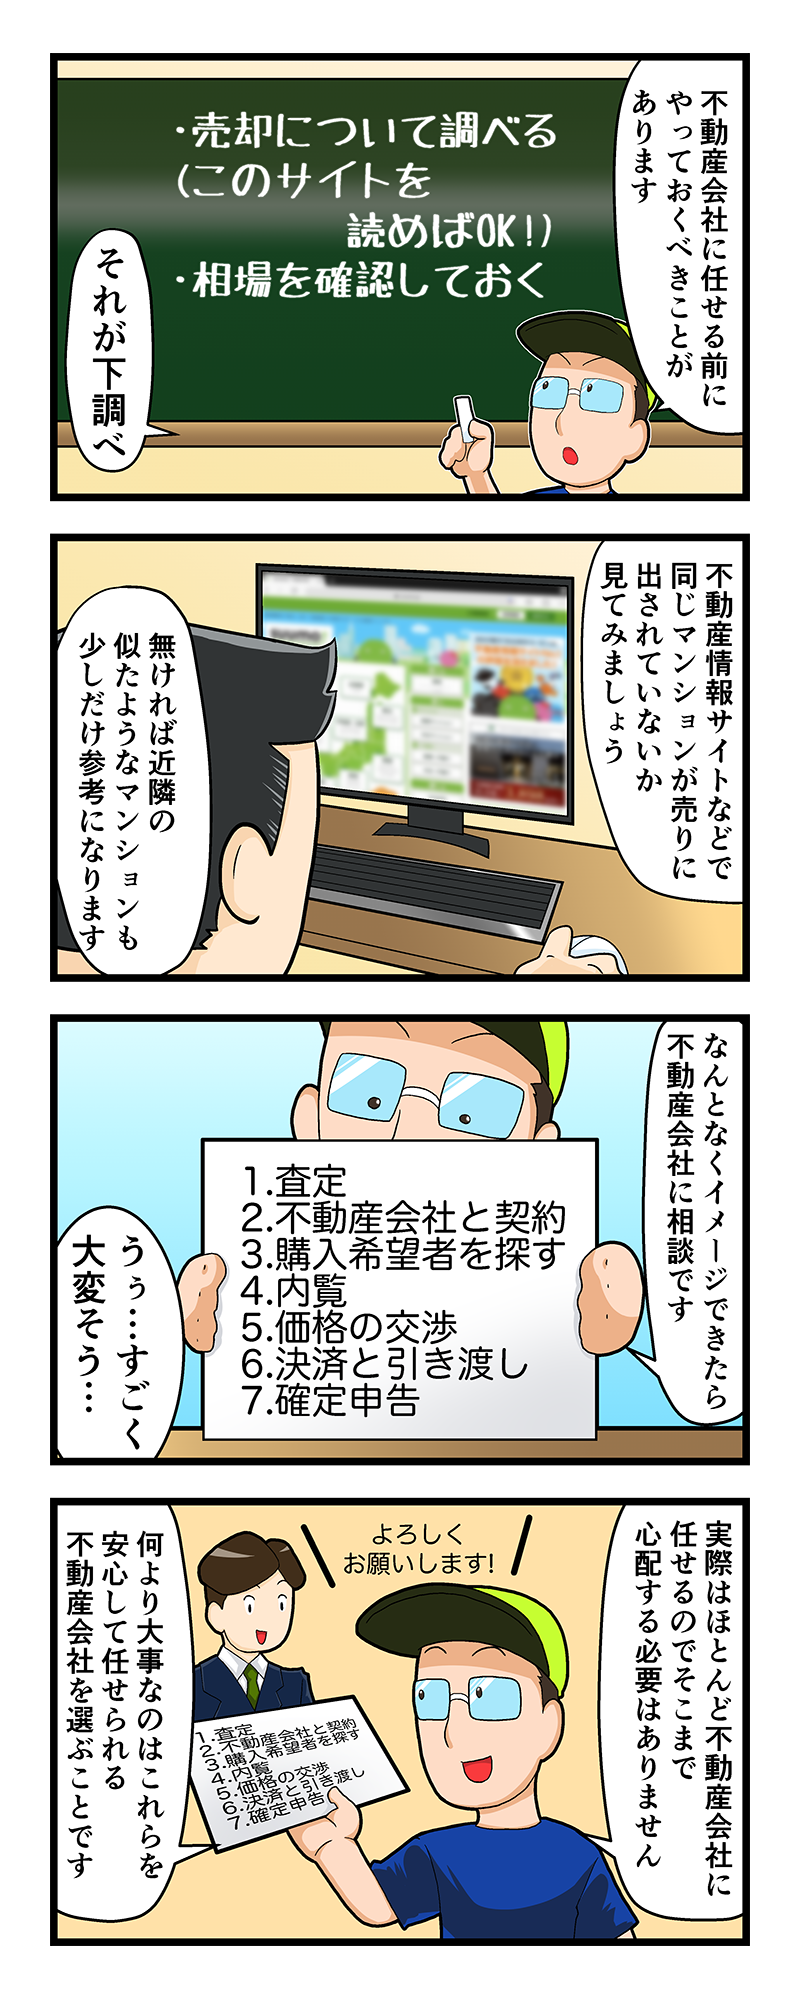 マンション売却講座四コマ漫画第2話